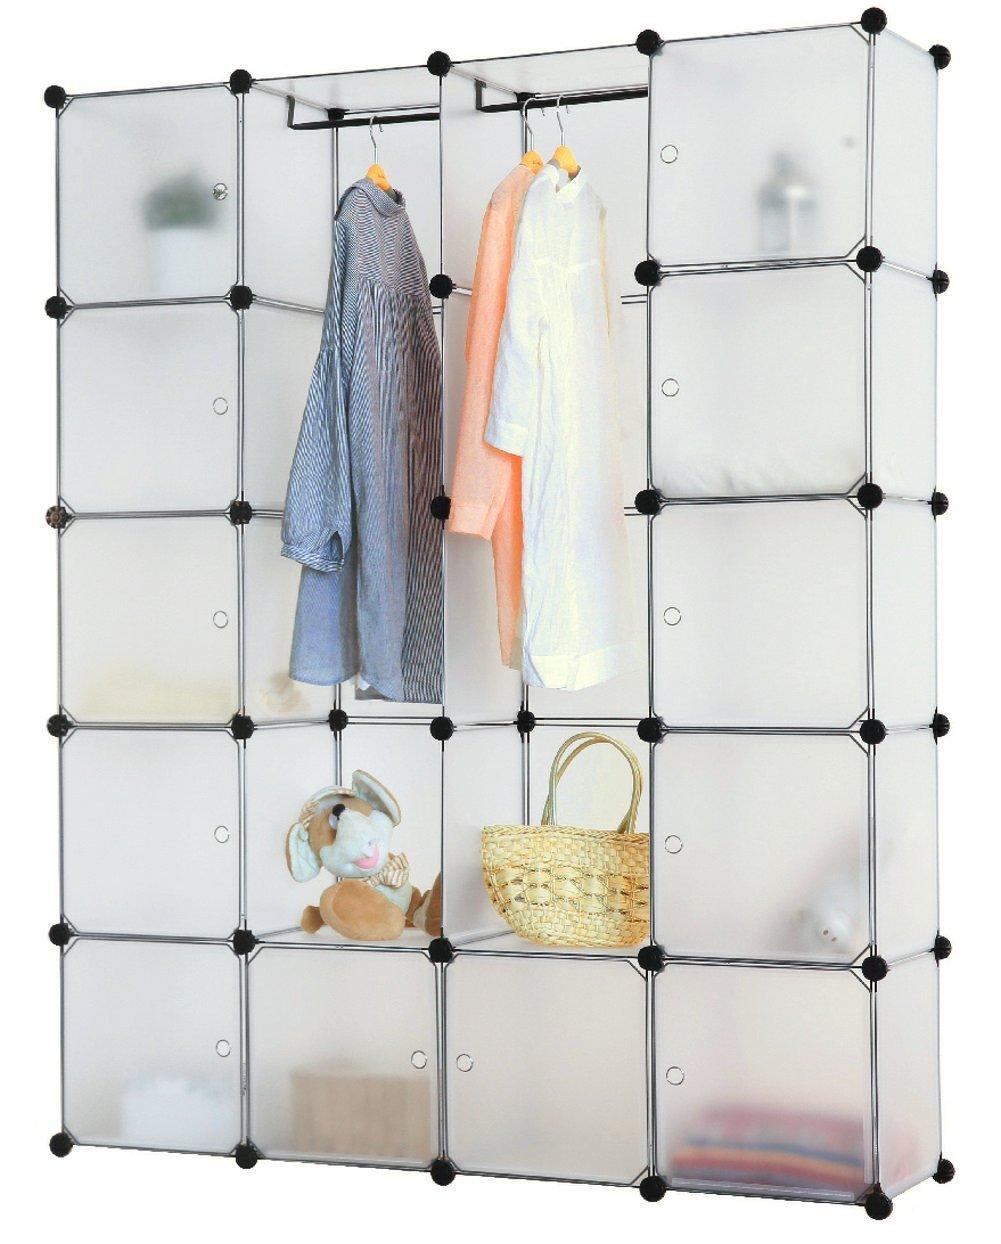 Full Size of Kleiderschrank Regal Regaleinsatz Regalsystem Ikea Regalboden Schrank Selbst Bauen Kombination Selber Regaltrenner Regalschrank Begehbarer Regale System Regal Kleiderschrank Regal